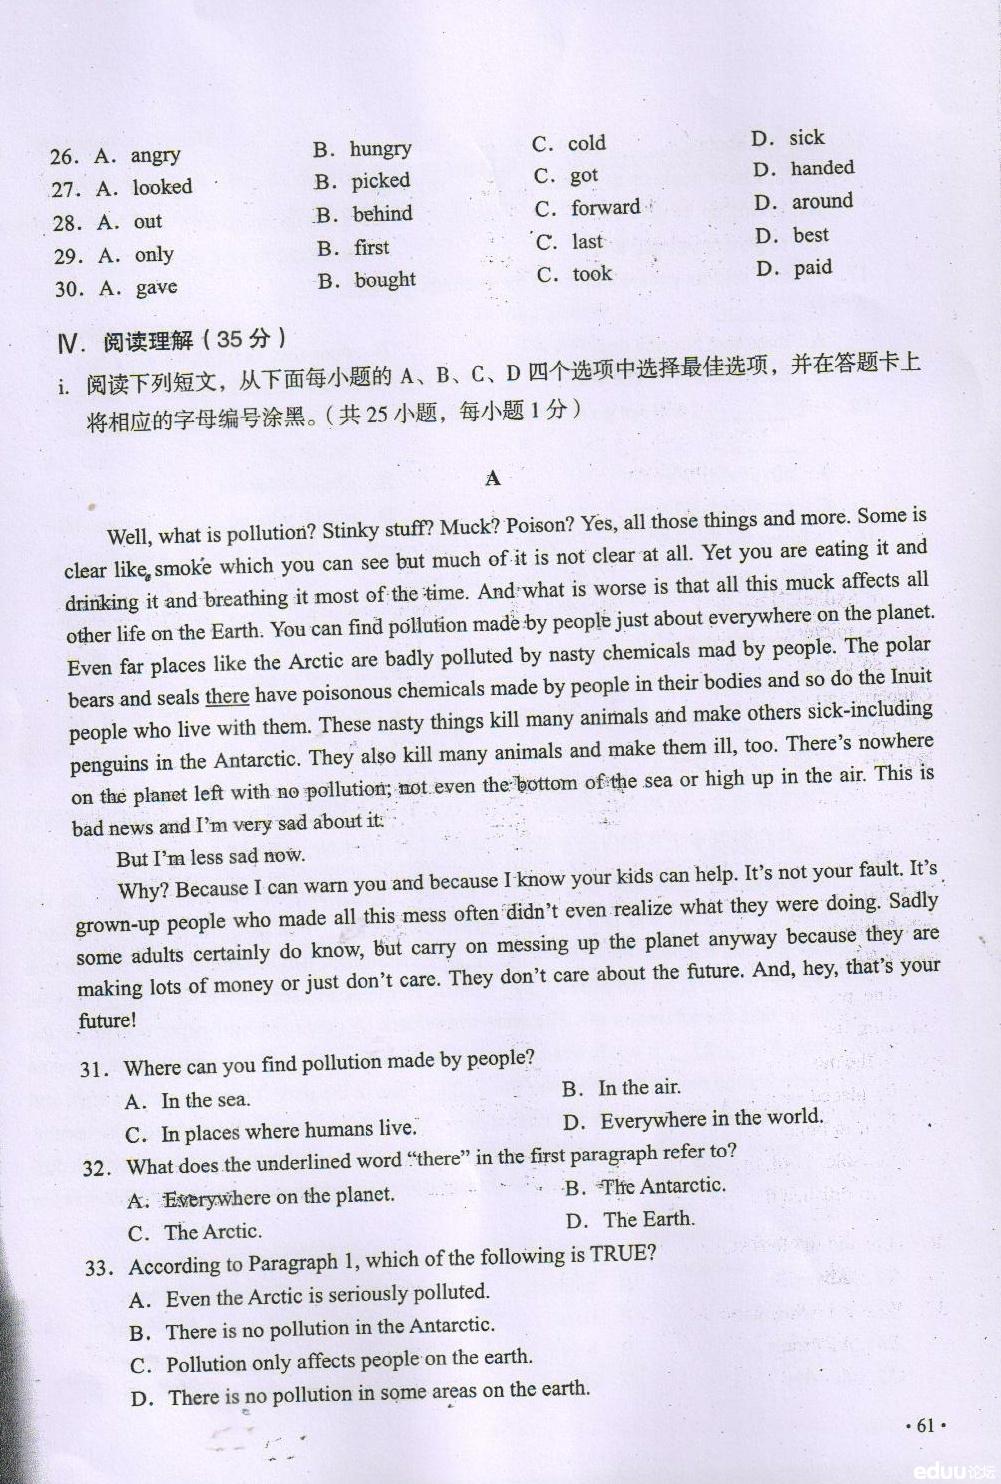 2013深圳中考模拟试题一 4.jpg